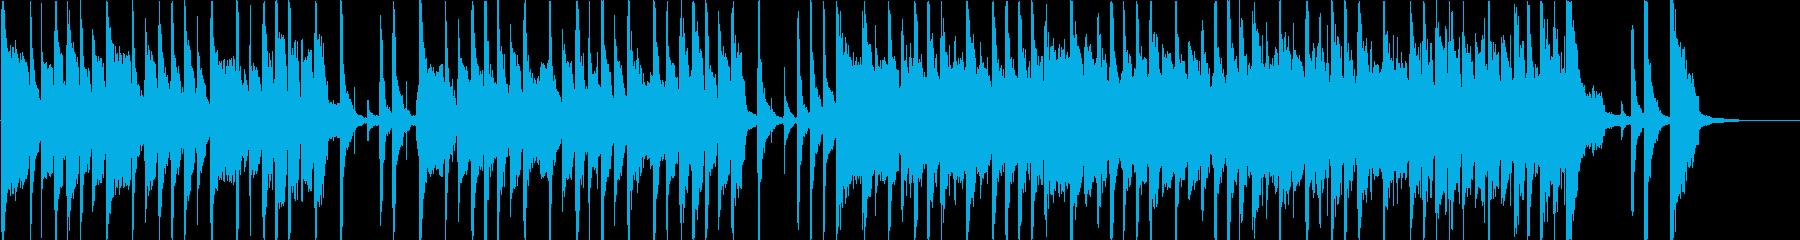 シンセがワクワク感をあおる短い曲の再生済みの波形